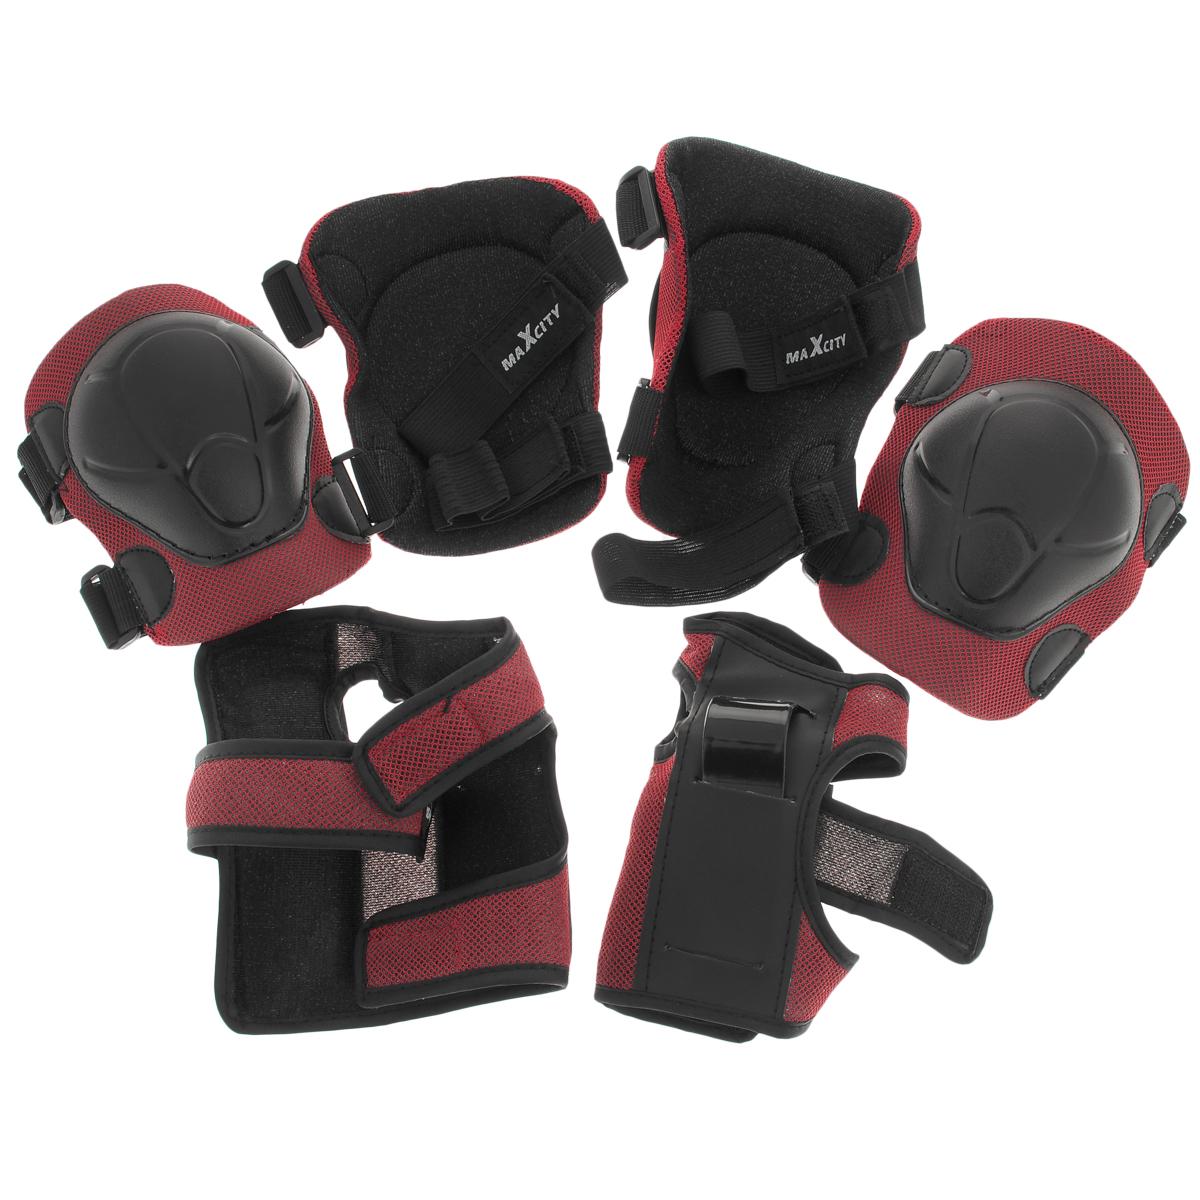 """Набор детской тройной роликовой защиты MaxCity """"Color"""" как нельзя лучше подойдет вашему ребенку. Он состоит из налокотников, наколенников и защиты запястий. Каждый из этих элементов выполнен из качественных материалов, жестких снаружи и эластичных внутри. Это обеспечивает превосходную степень защиты при возможном падении и комфорт при ношении, так как материал принимает форму руки или ноги."""